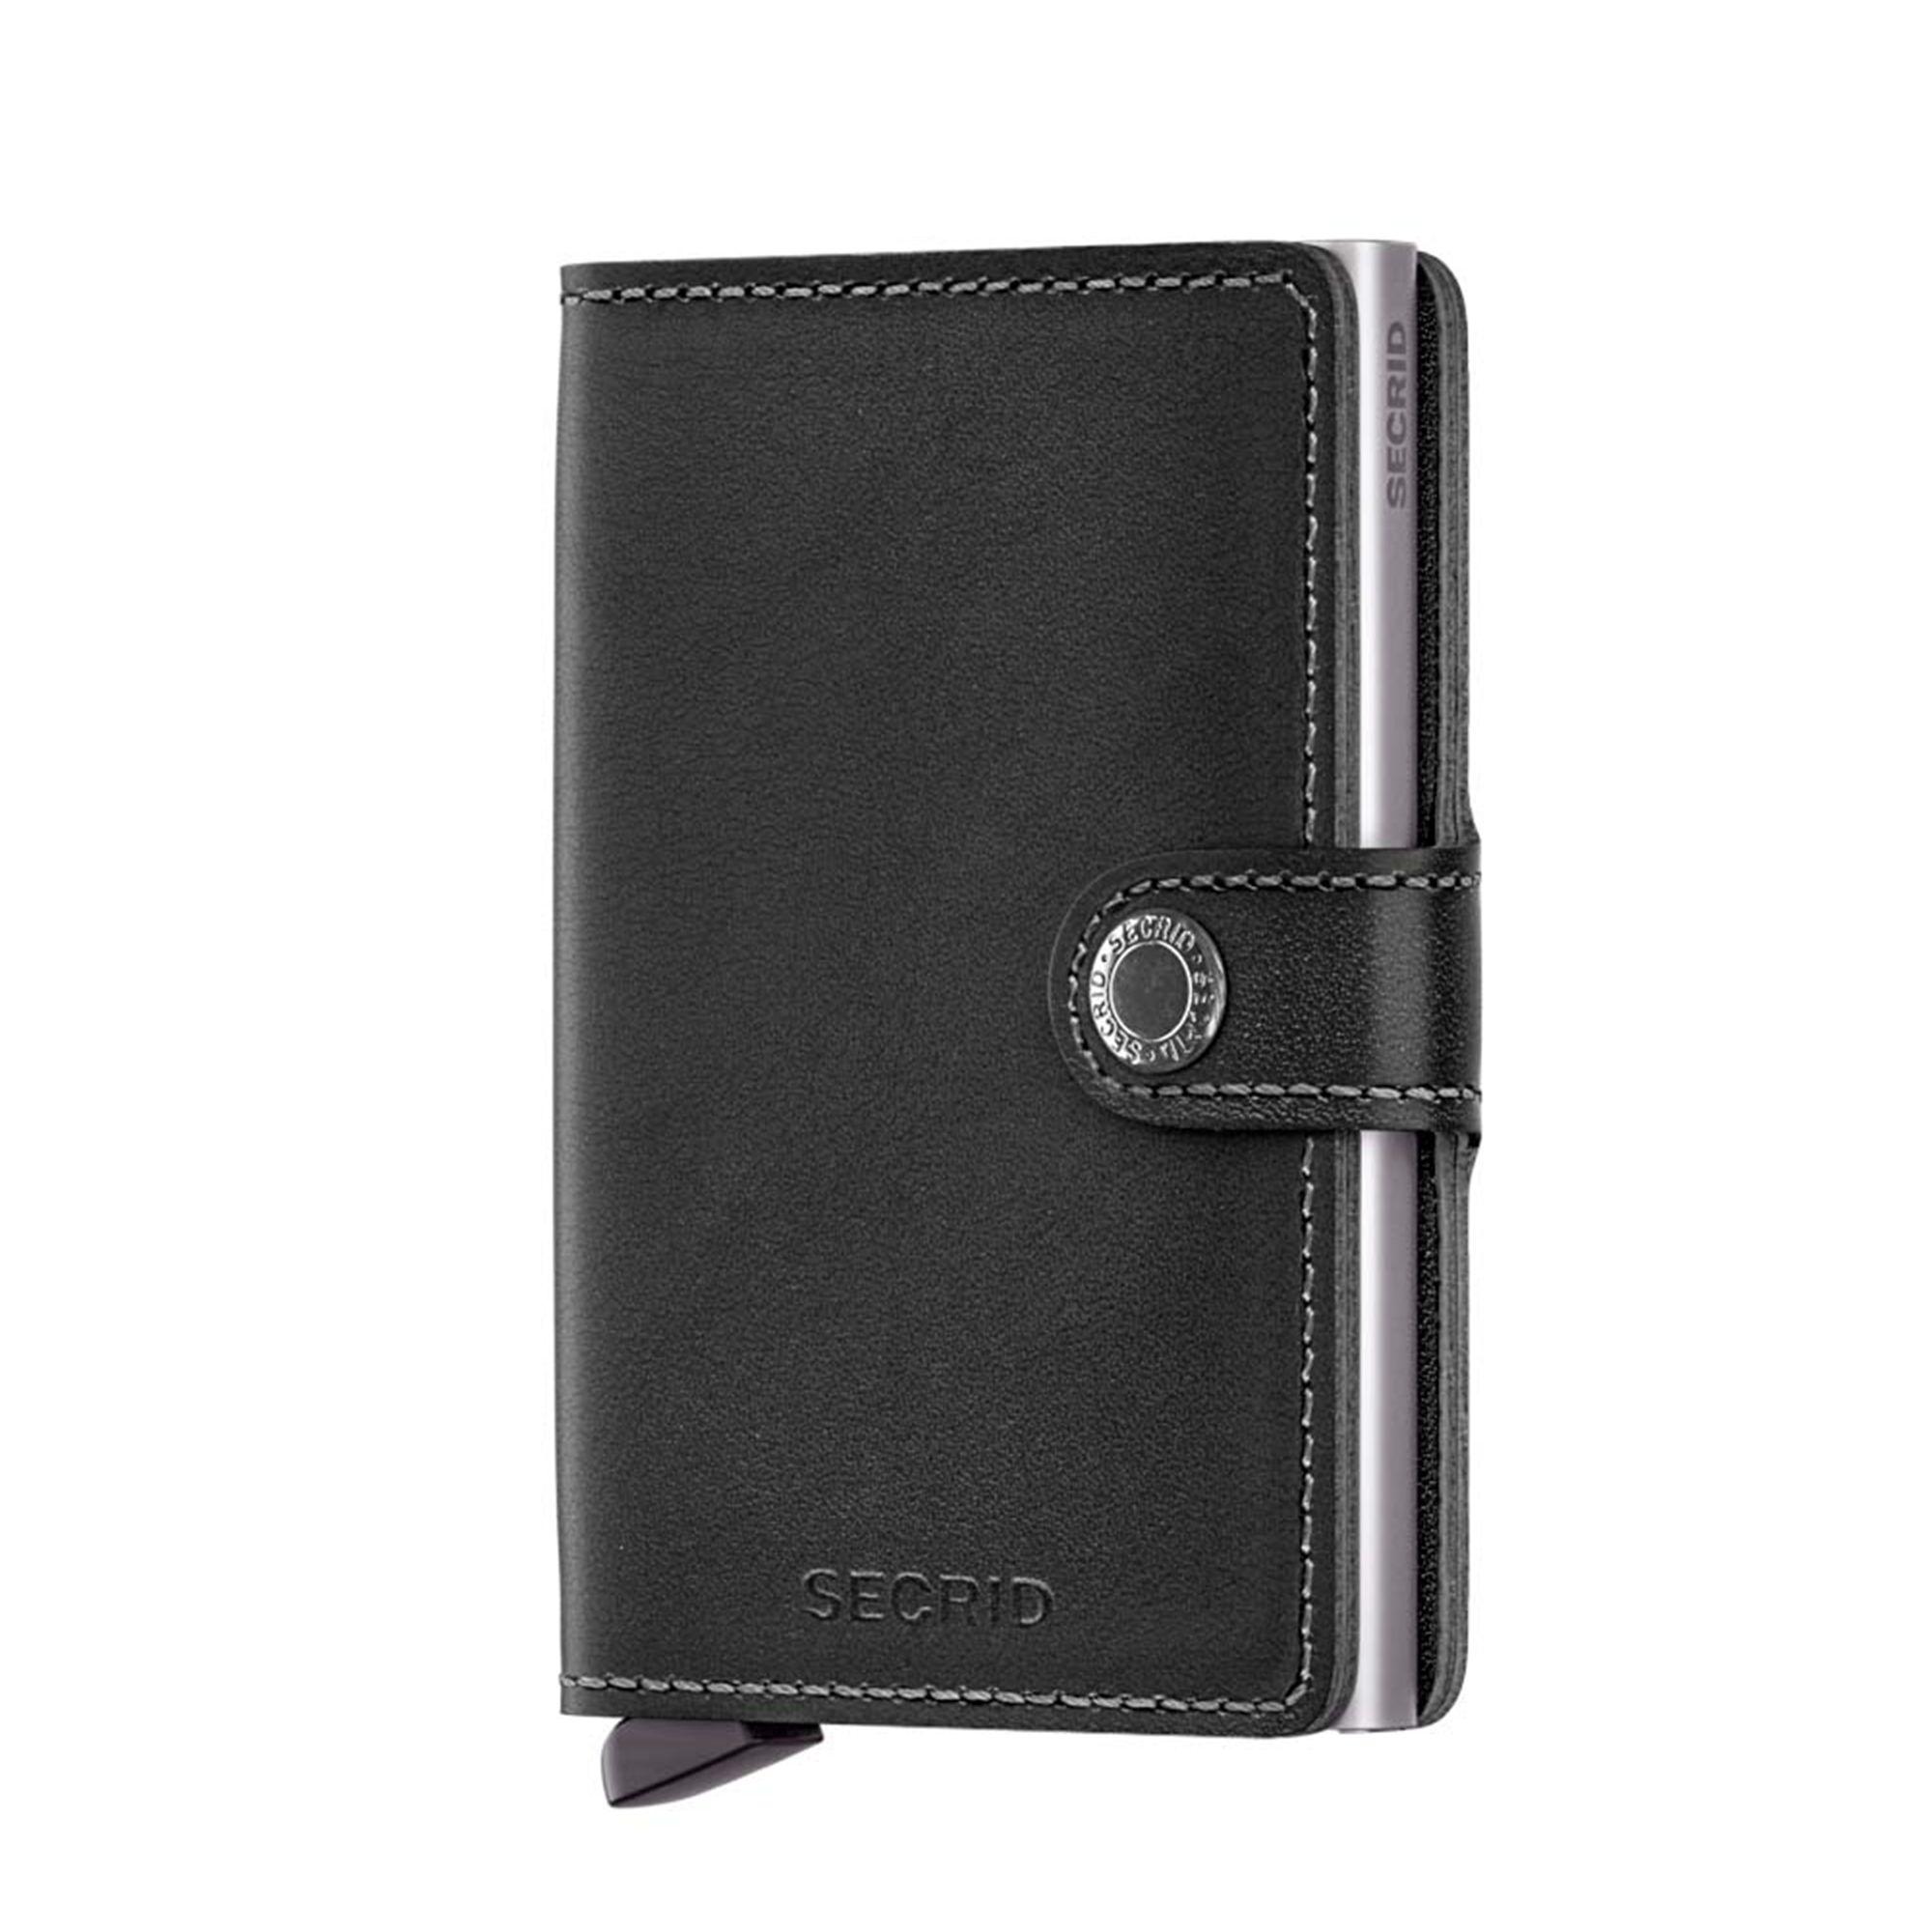 Secrid liten plånbok i skinn och metall, Svart